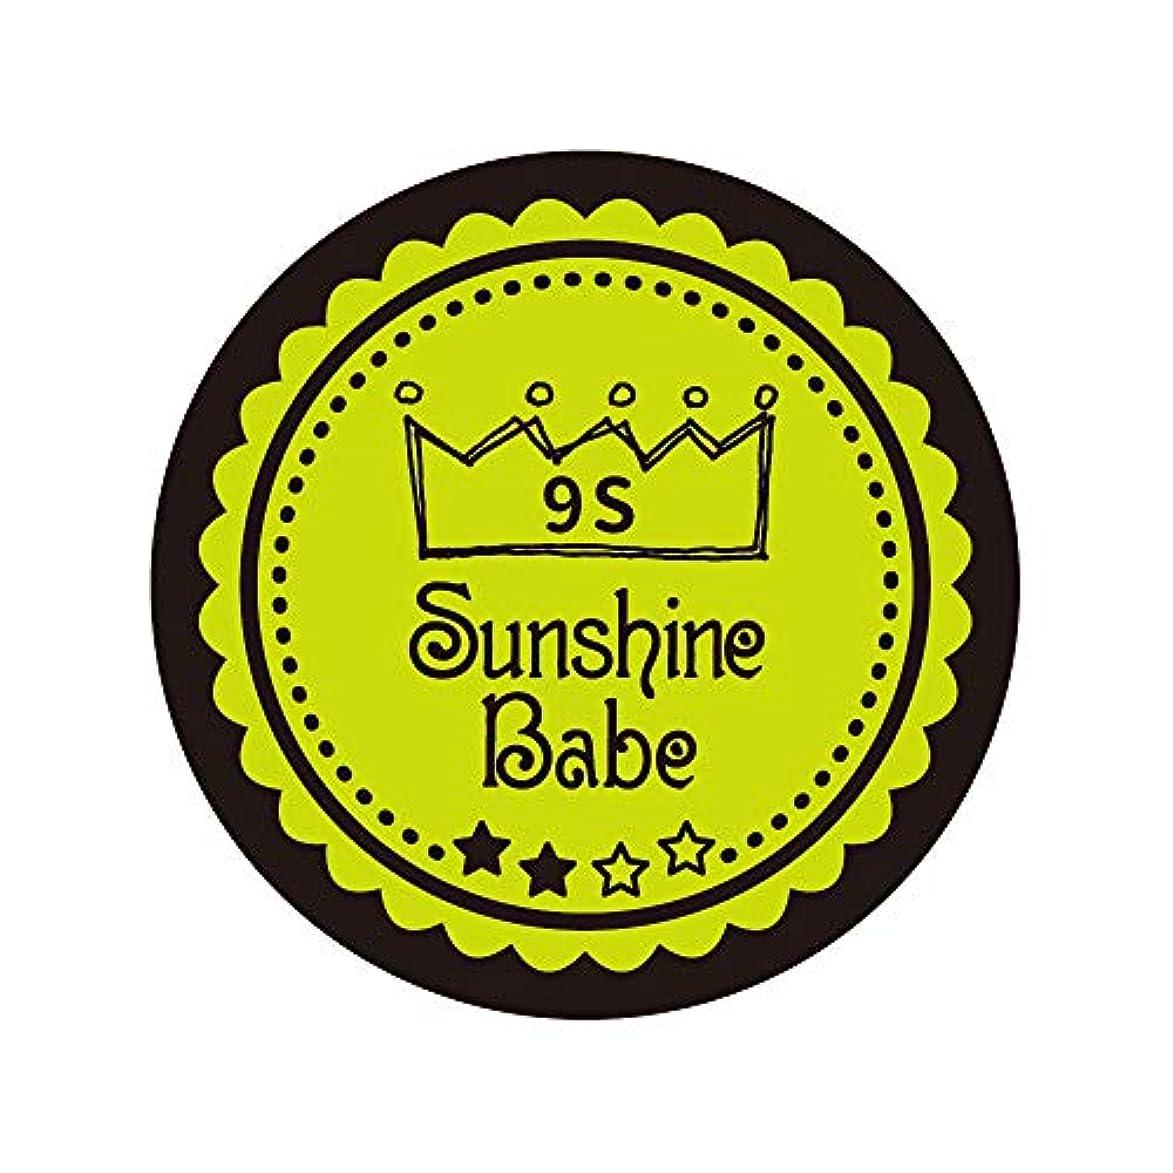 猛烈なインドグループSunshine Babe カラージェル 9S ライムパンチ 2.7g UV/LED対応